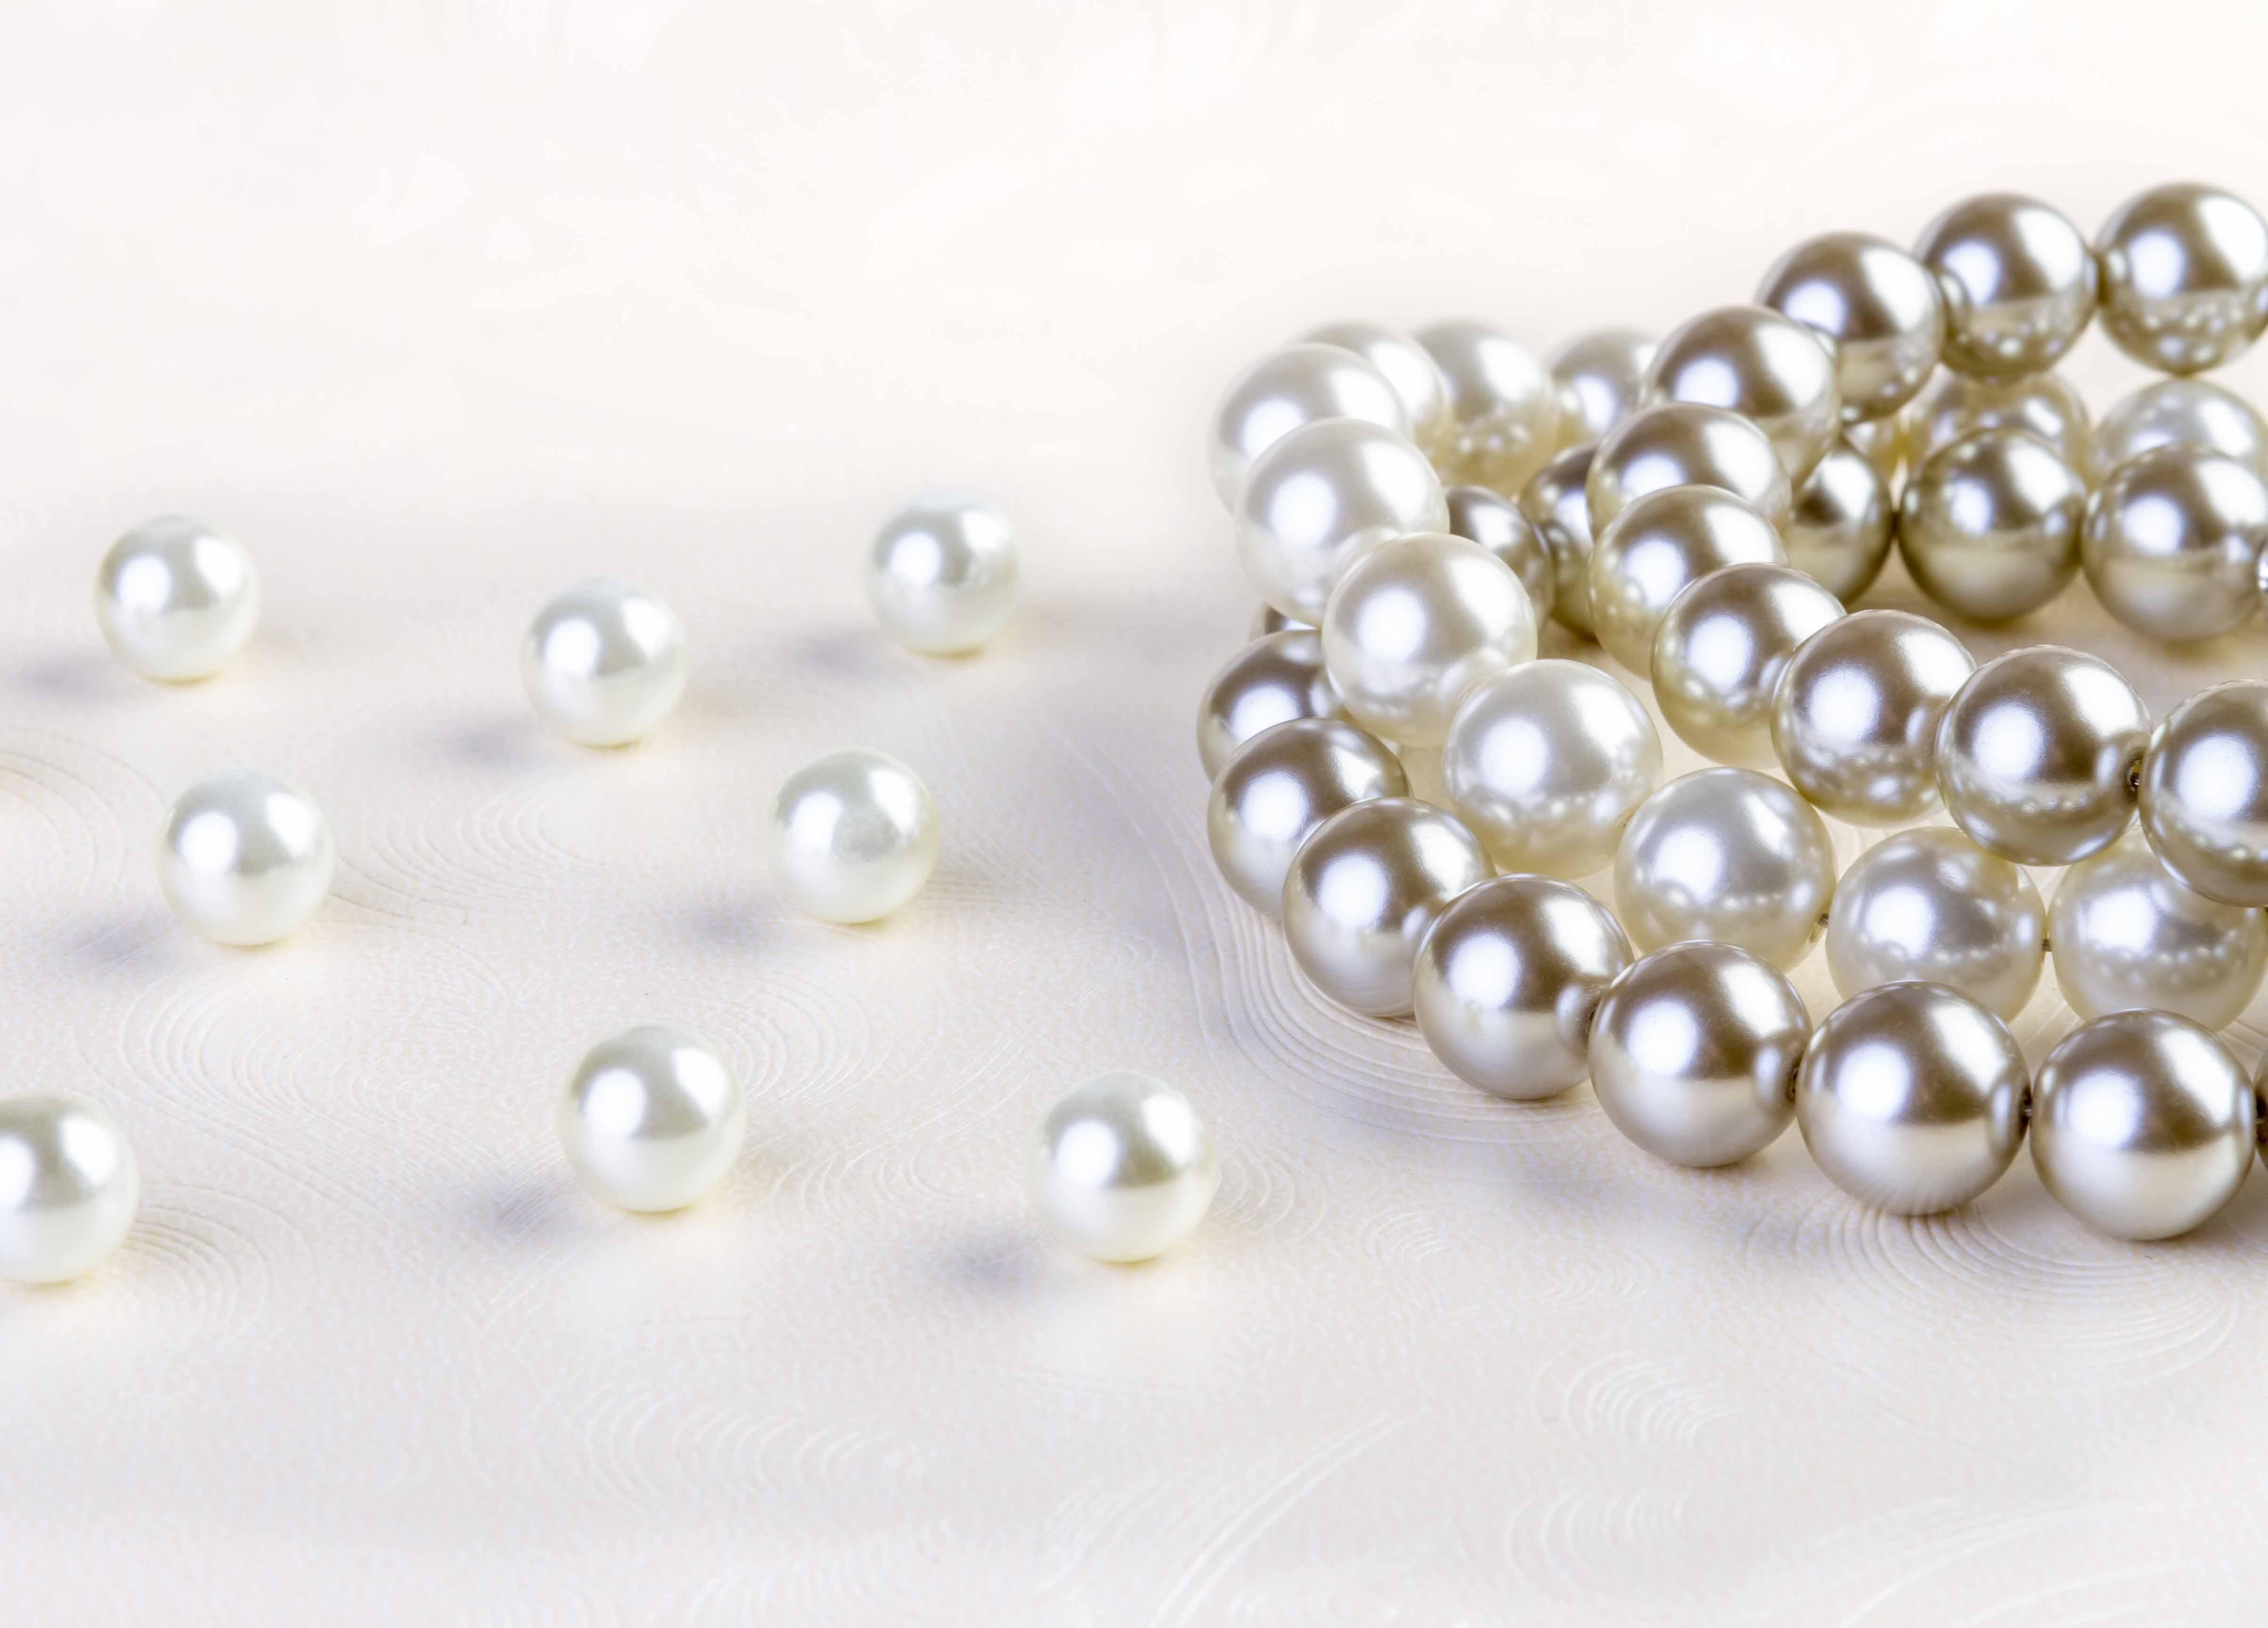 【静岡市】成人式のお祝いに。一生物の真珠ネックレス